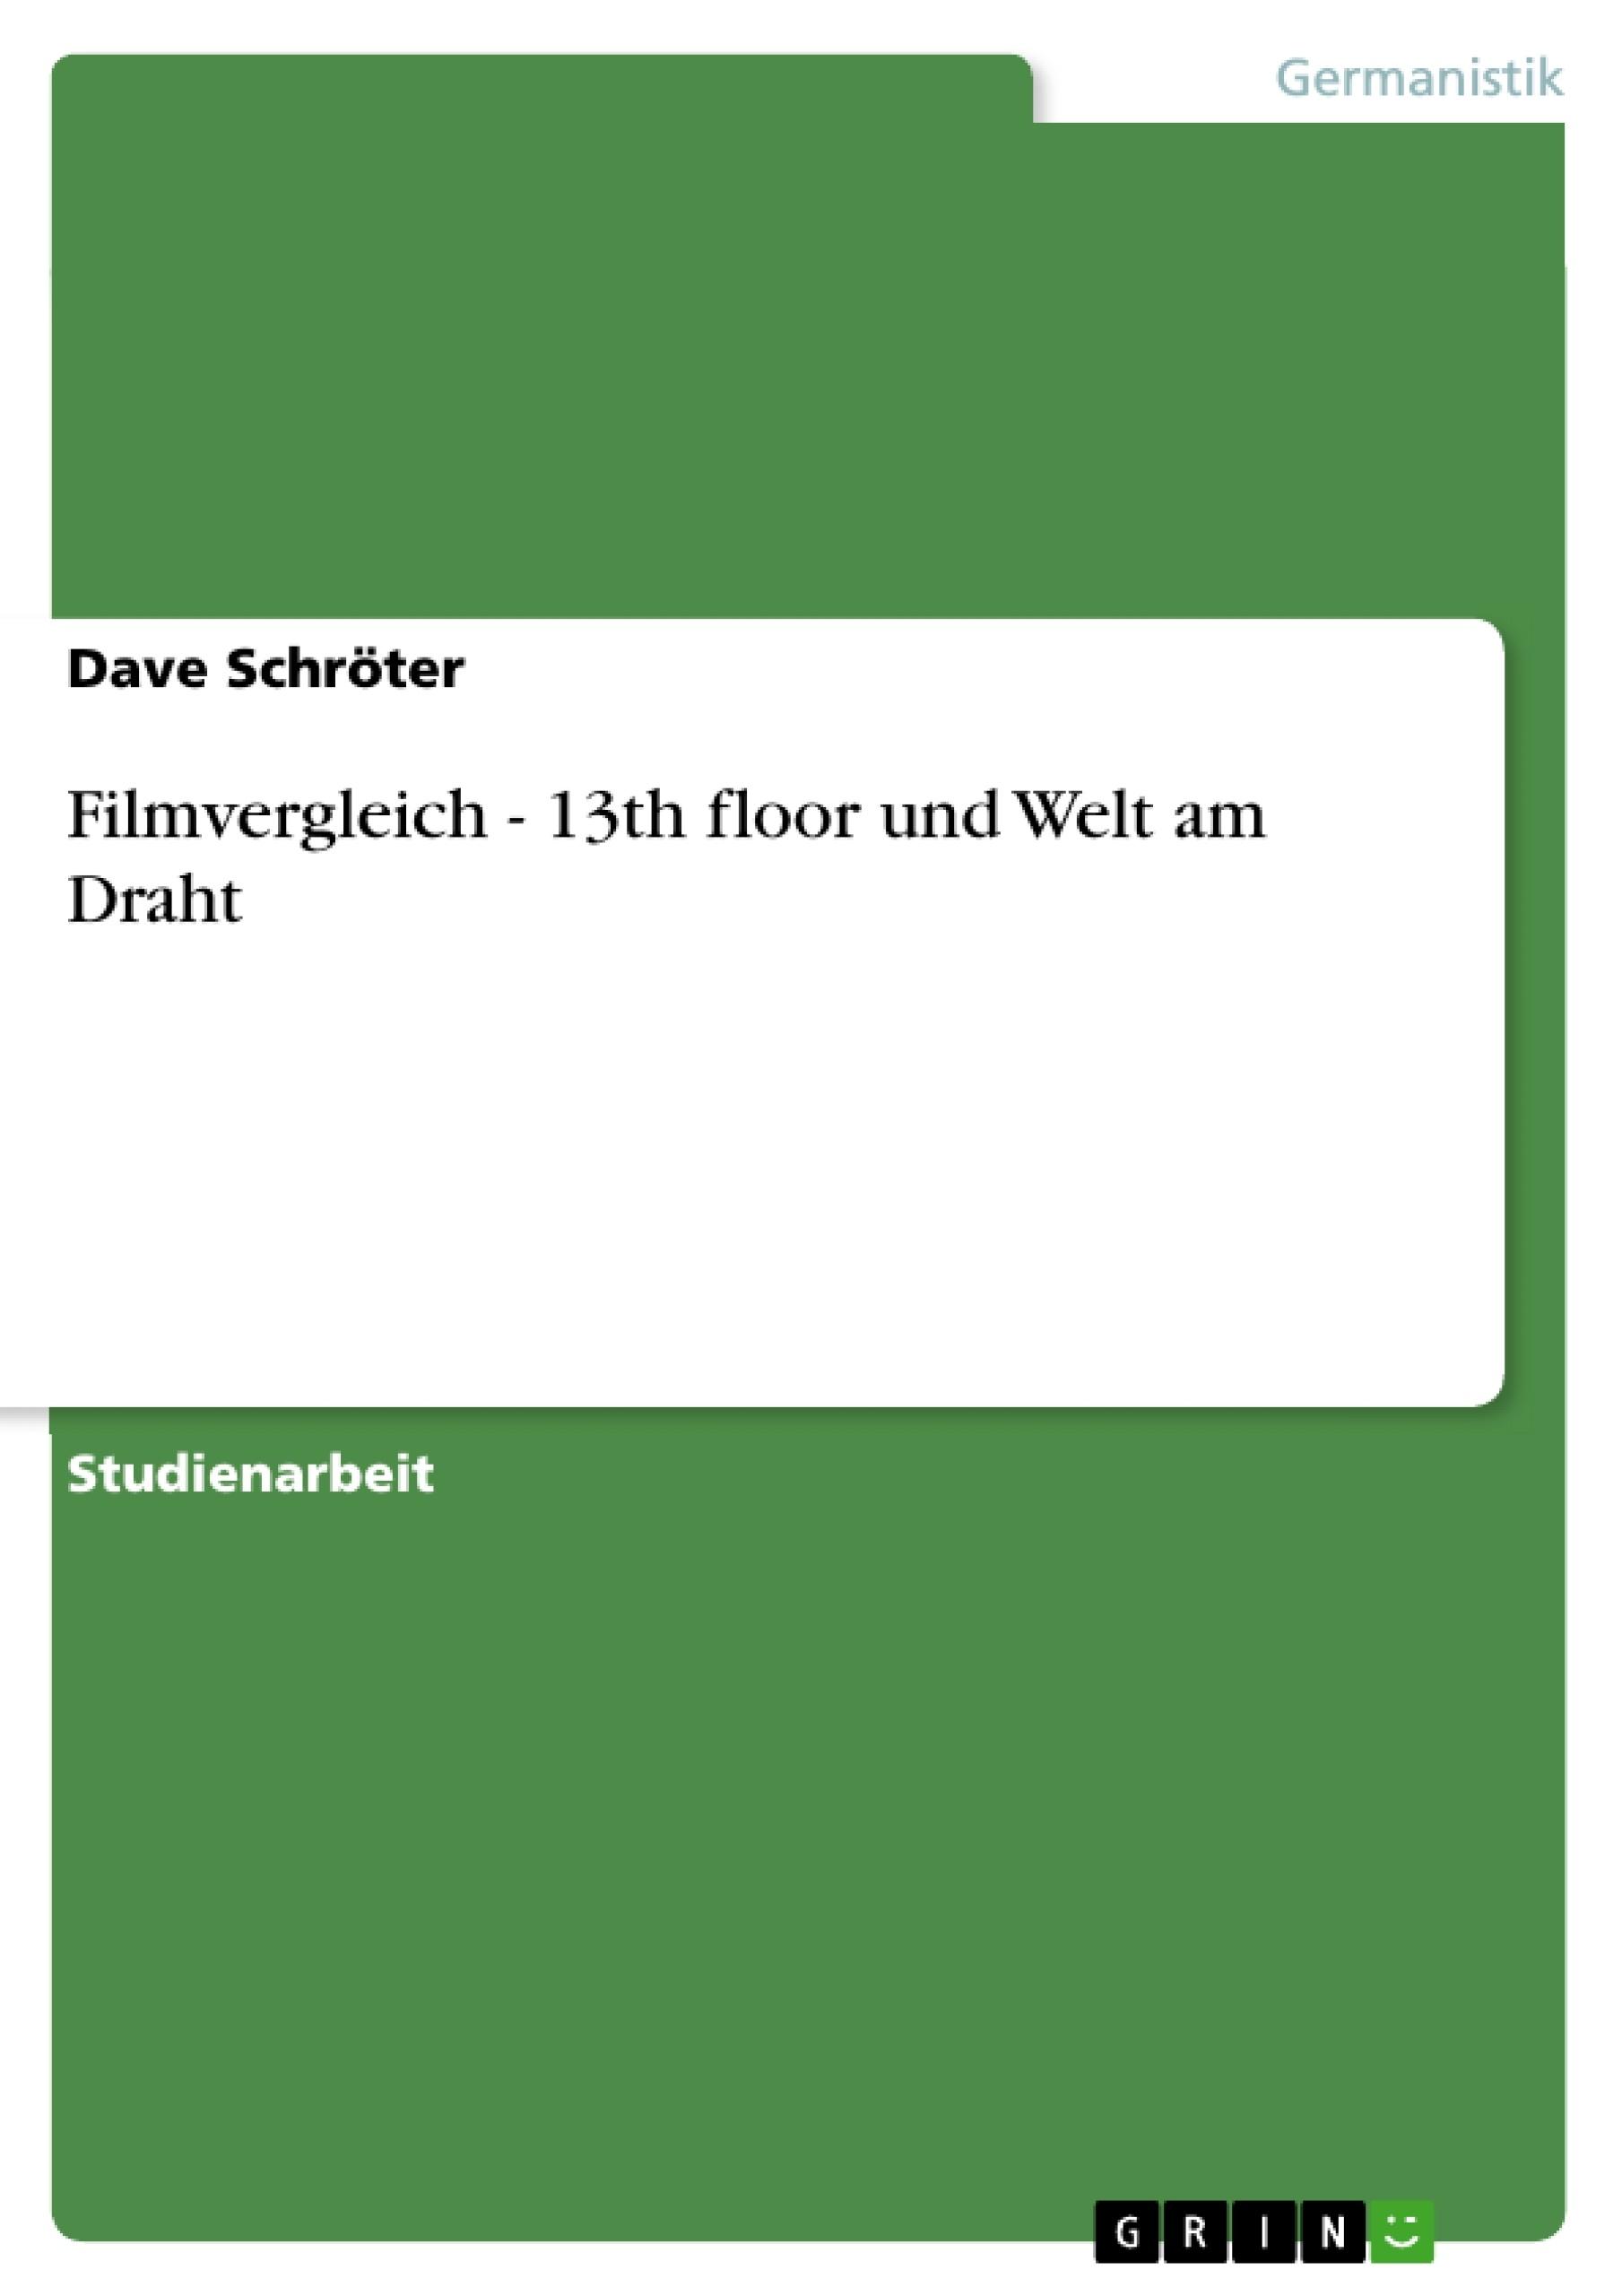 Filmvergleich - 13th floor und Welt am Draht | Masterarbeit ...